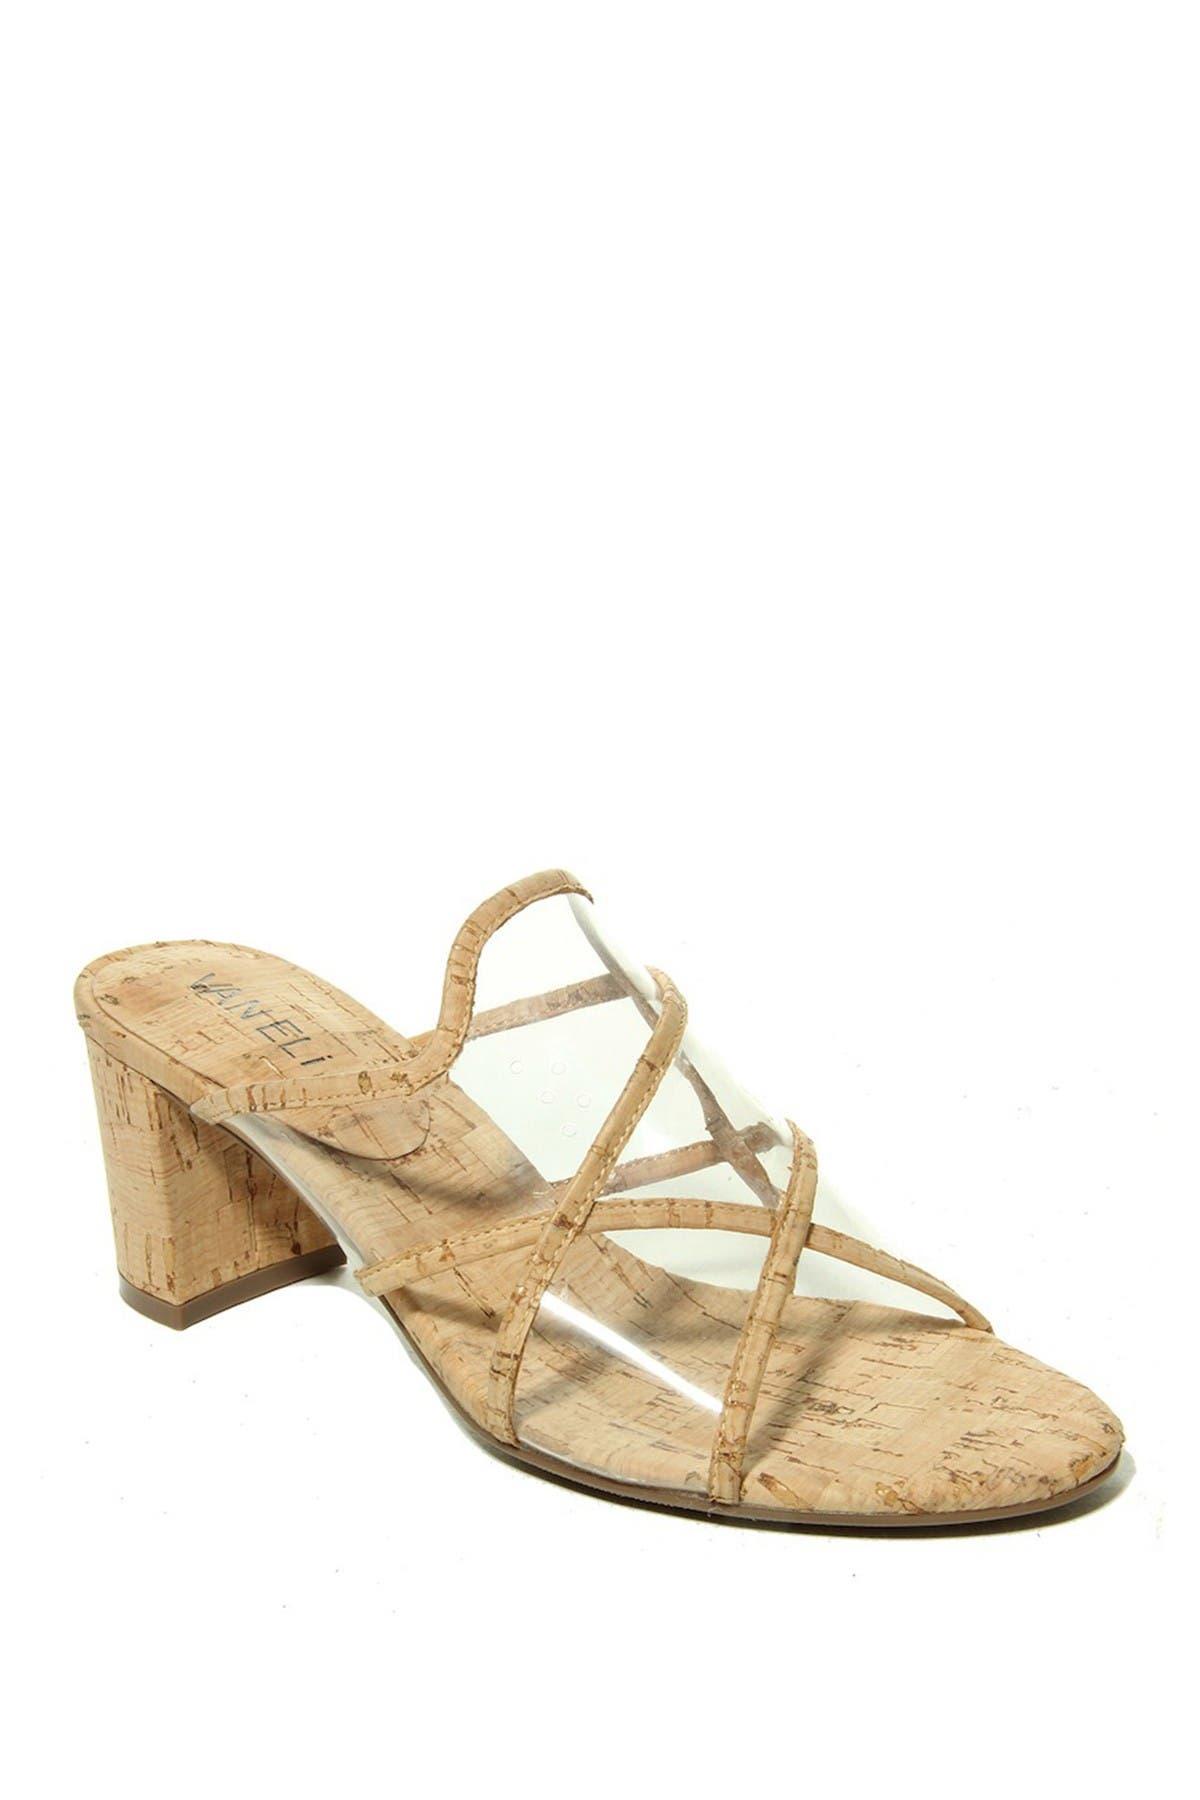 Image of VANELi Maynor Cork Block Heel Sandal - Multiple Widths Available